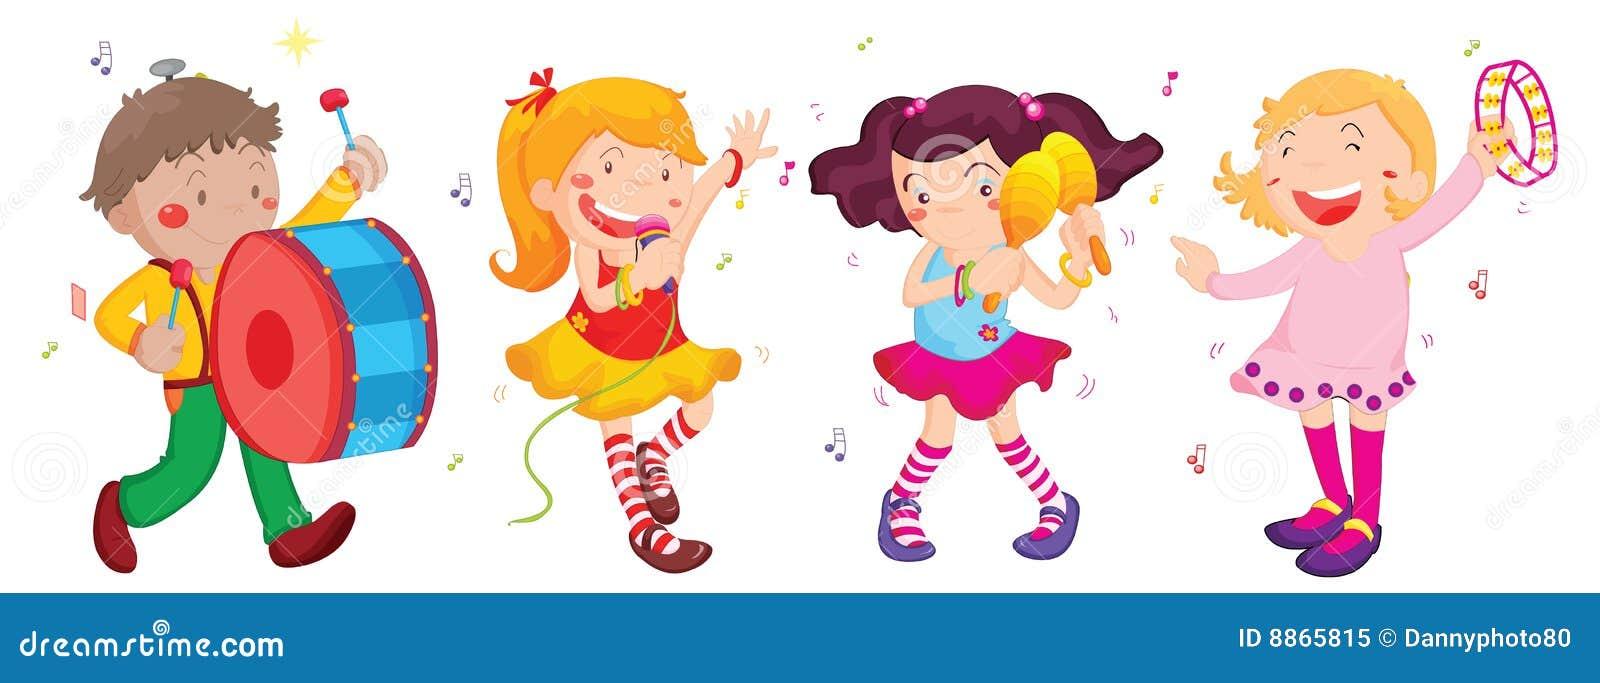 Девочки танцуют картинки